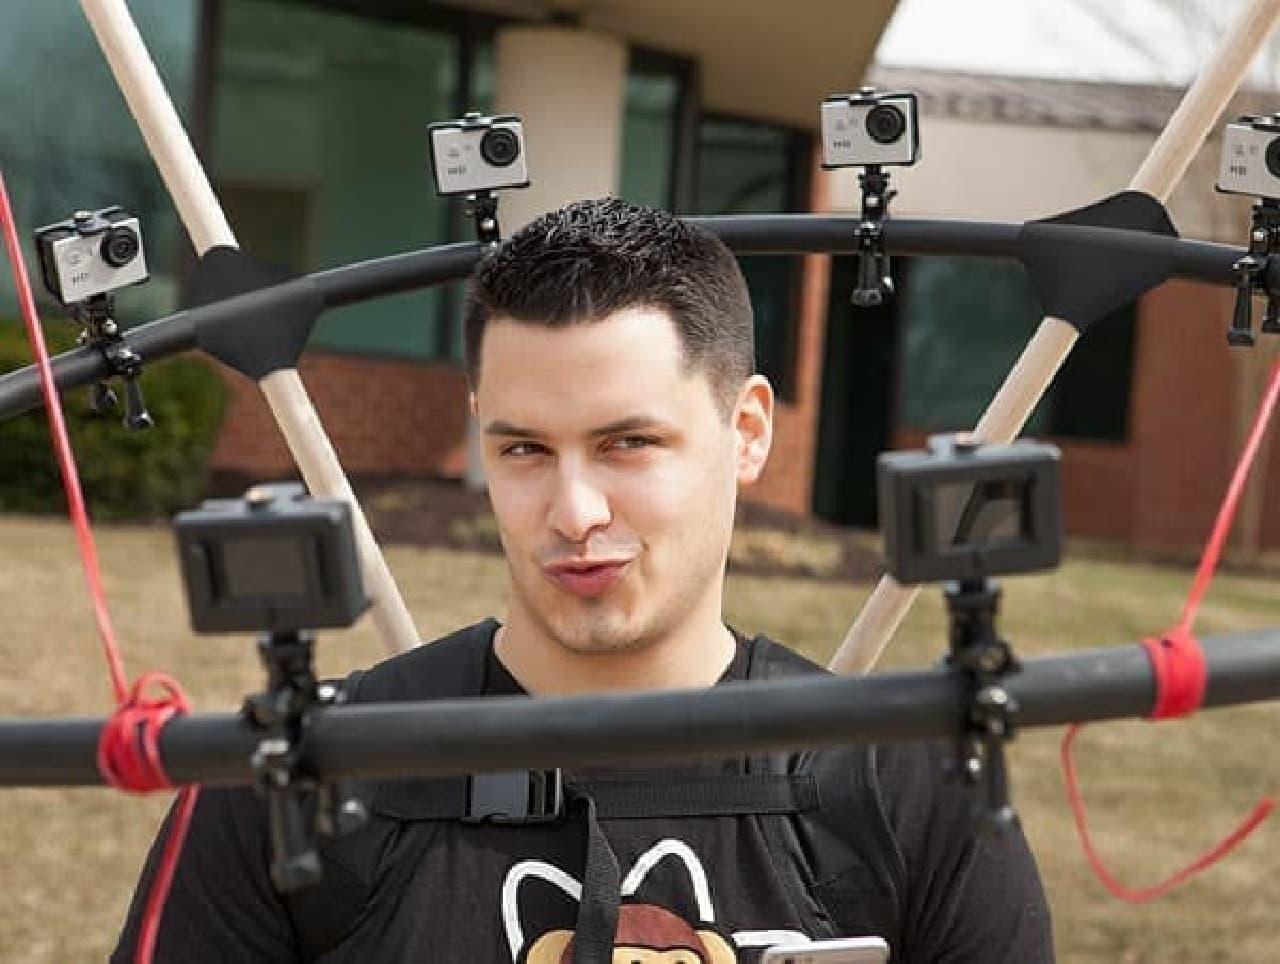 360度から自分撮りできるセルフィースティック「360 Degree Selfie Rig」